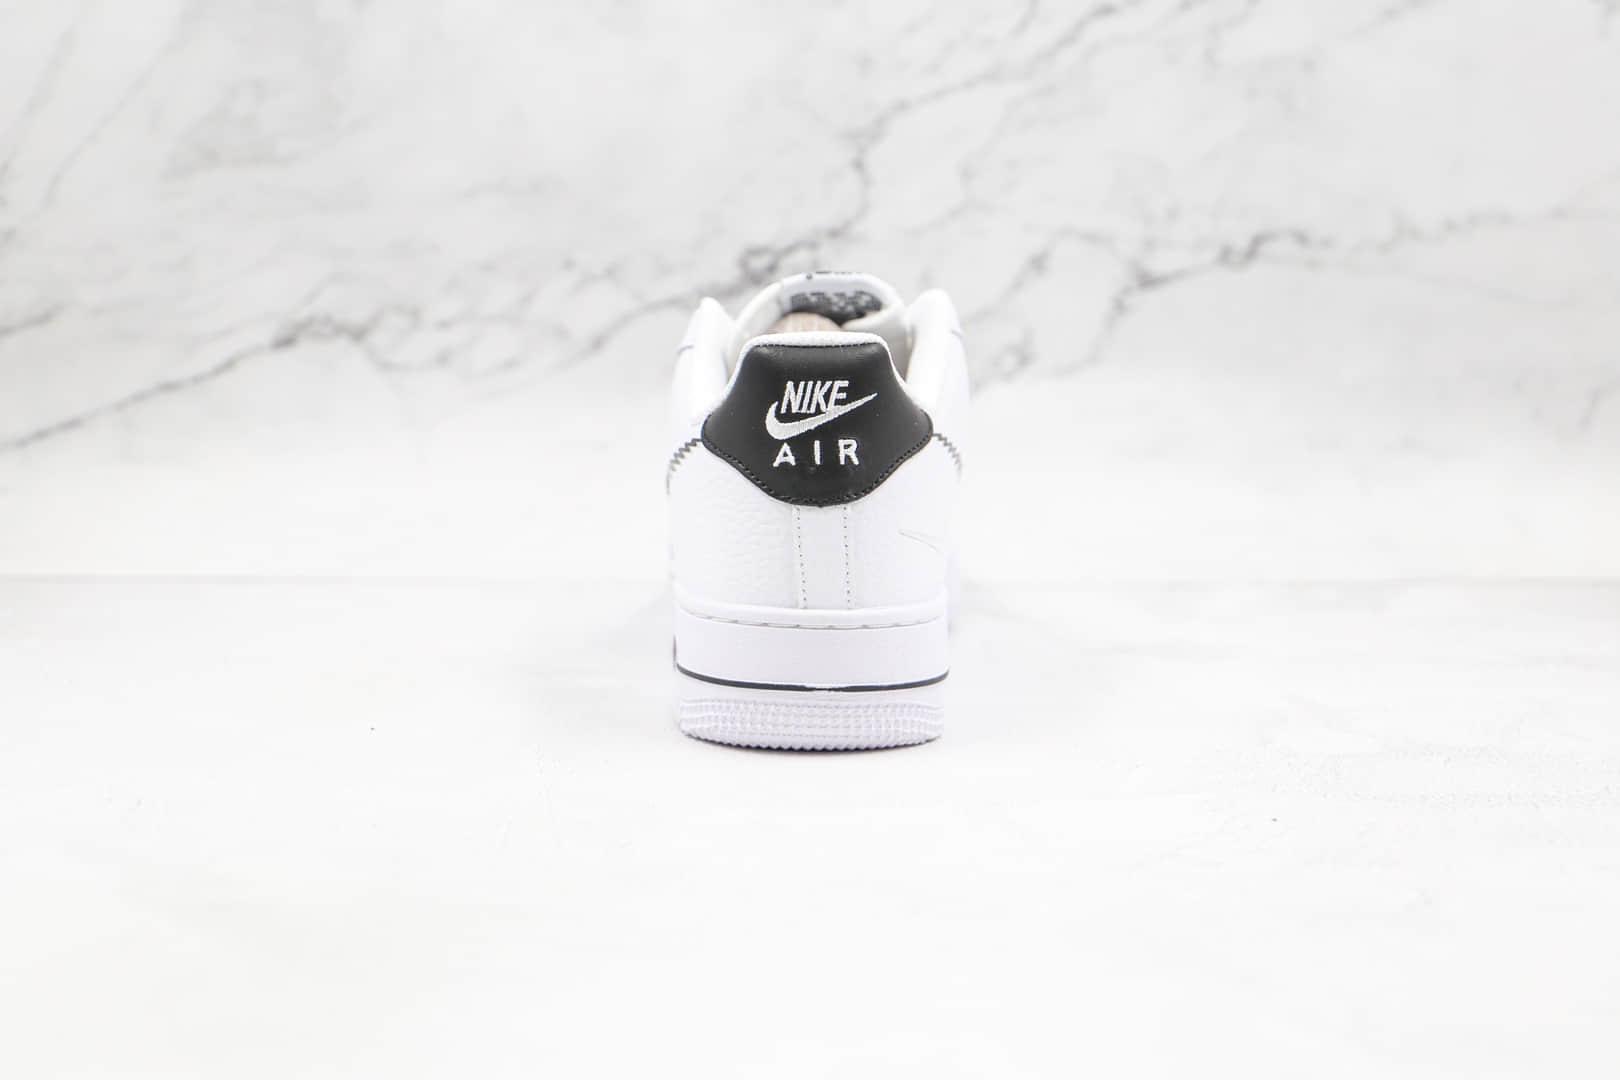 耐克Nike AIR FORCE 1纯原版本低帮空军一号白黑色涂鸦钩板鞋原档案数据开发 货号:DN4928-100